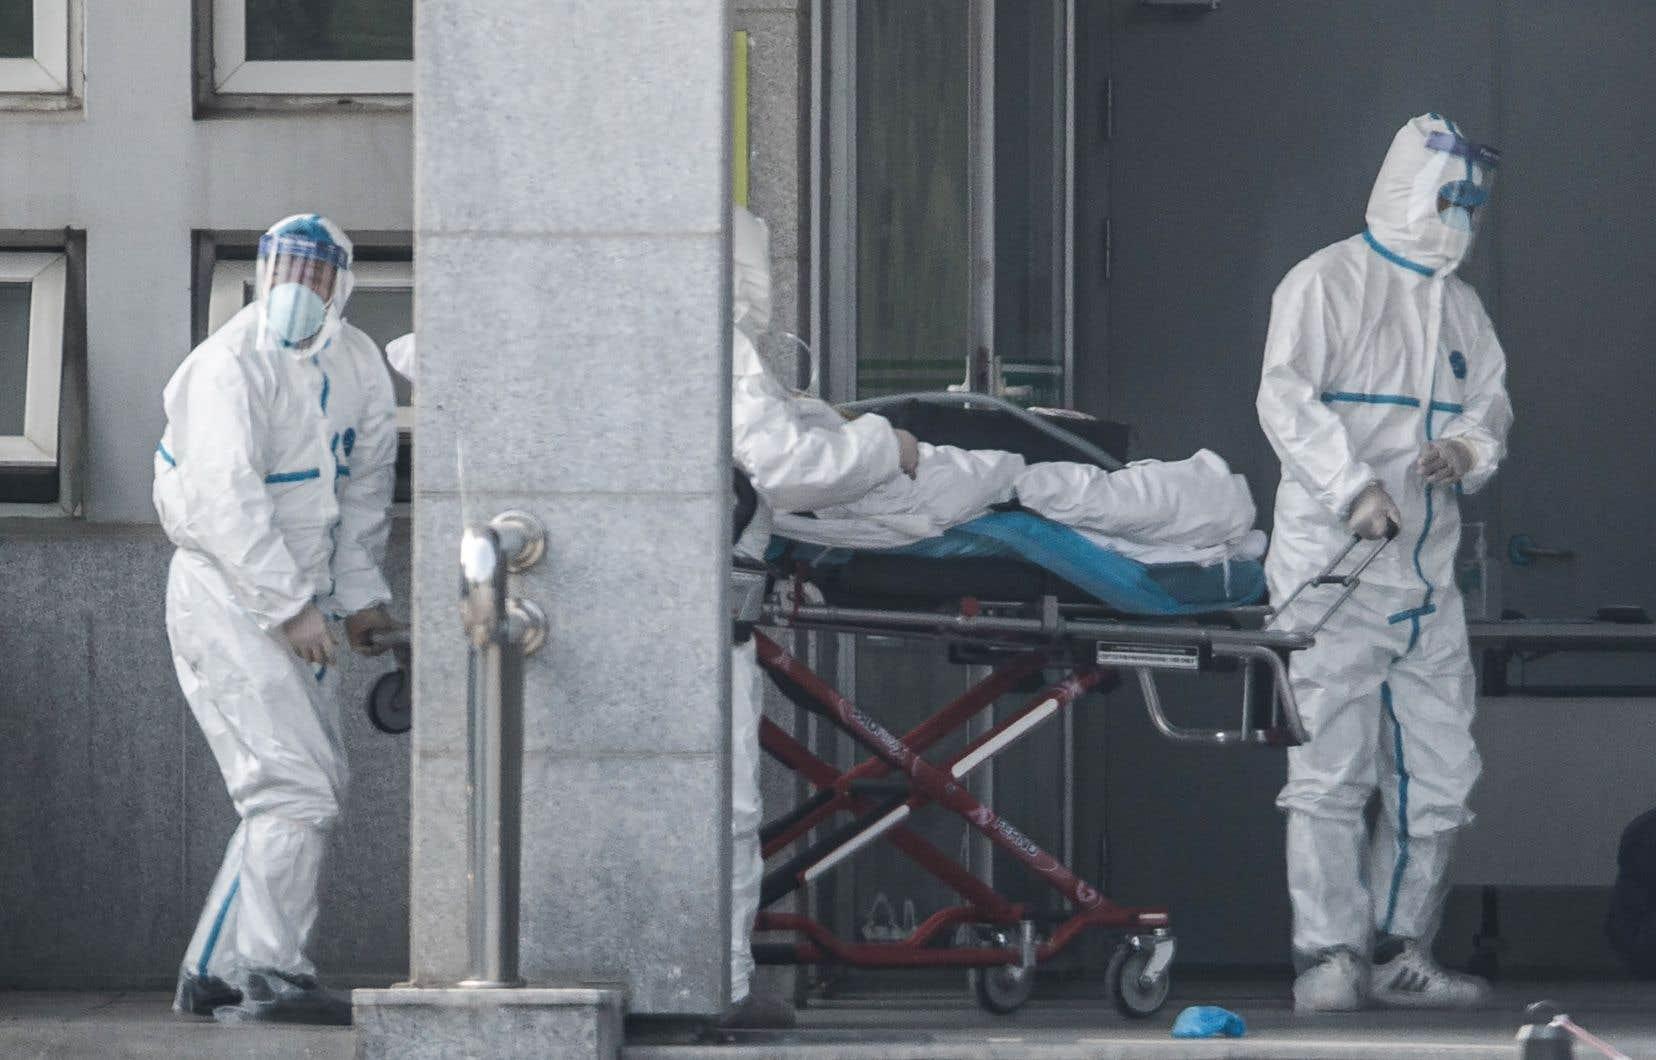 Des membres du personnel médical transportent un patient à l'hôpital de Jinyintan, où des patients infectés par un mystérieux virus semblable au SRAS sont traités, à Wuhan, dans la province centrale du Hubei en Chine, le 18 janvier 2020.